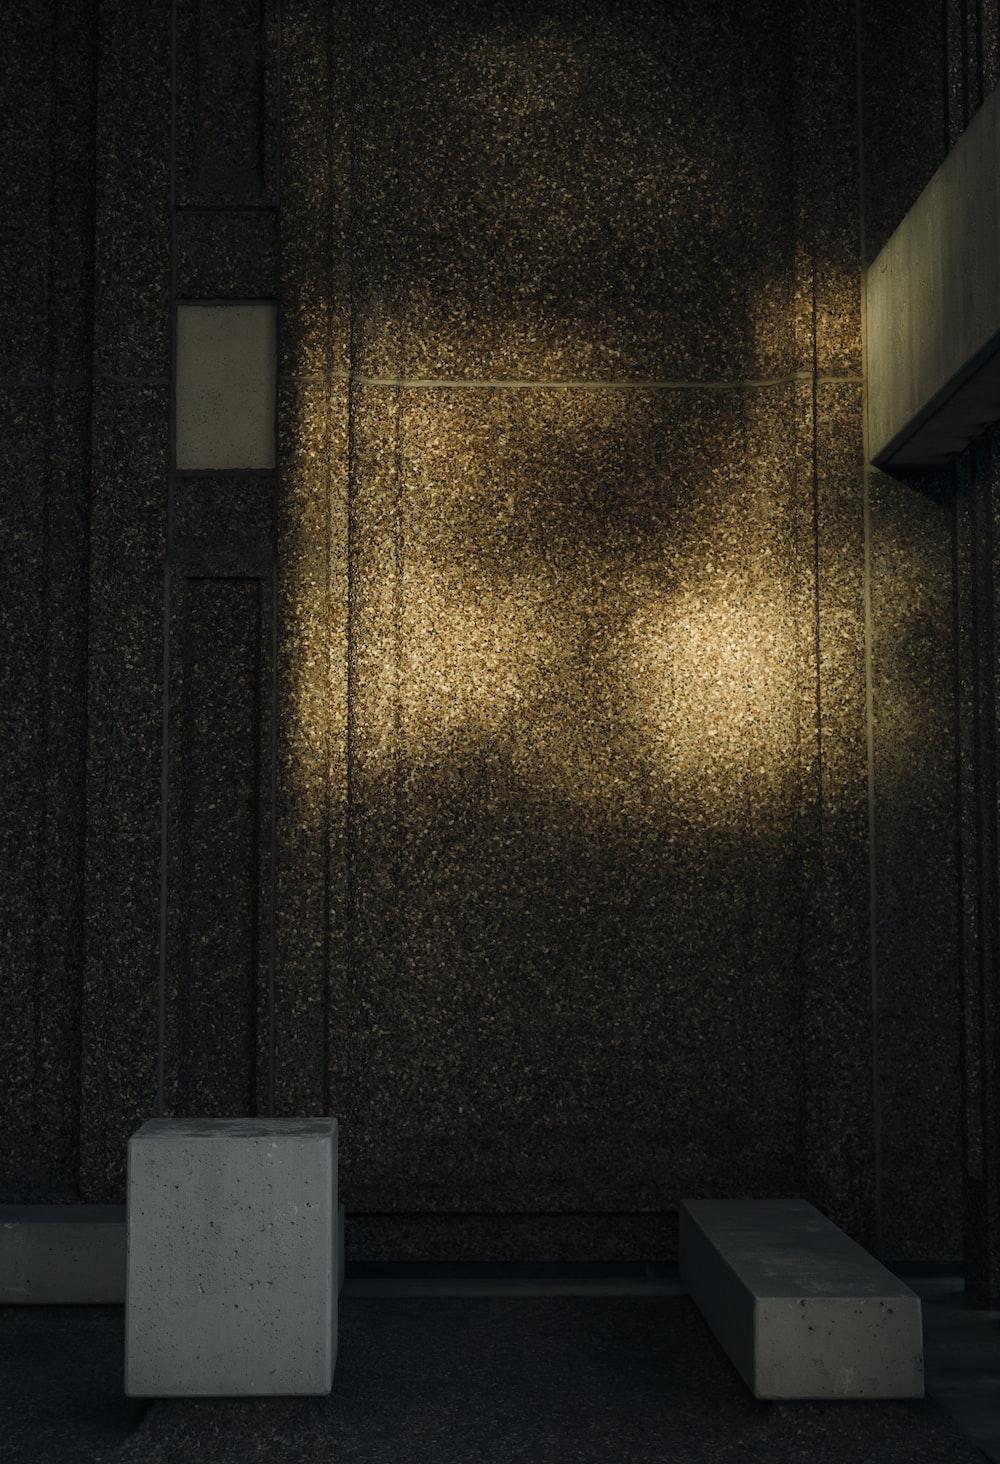 brown wooden door with gold colored door lever